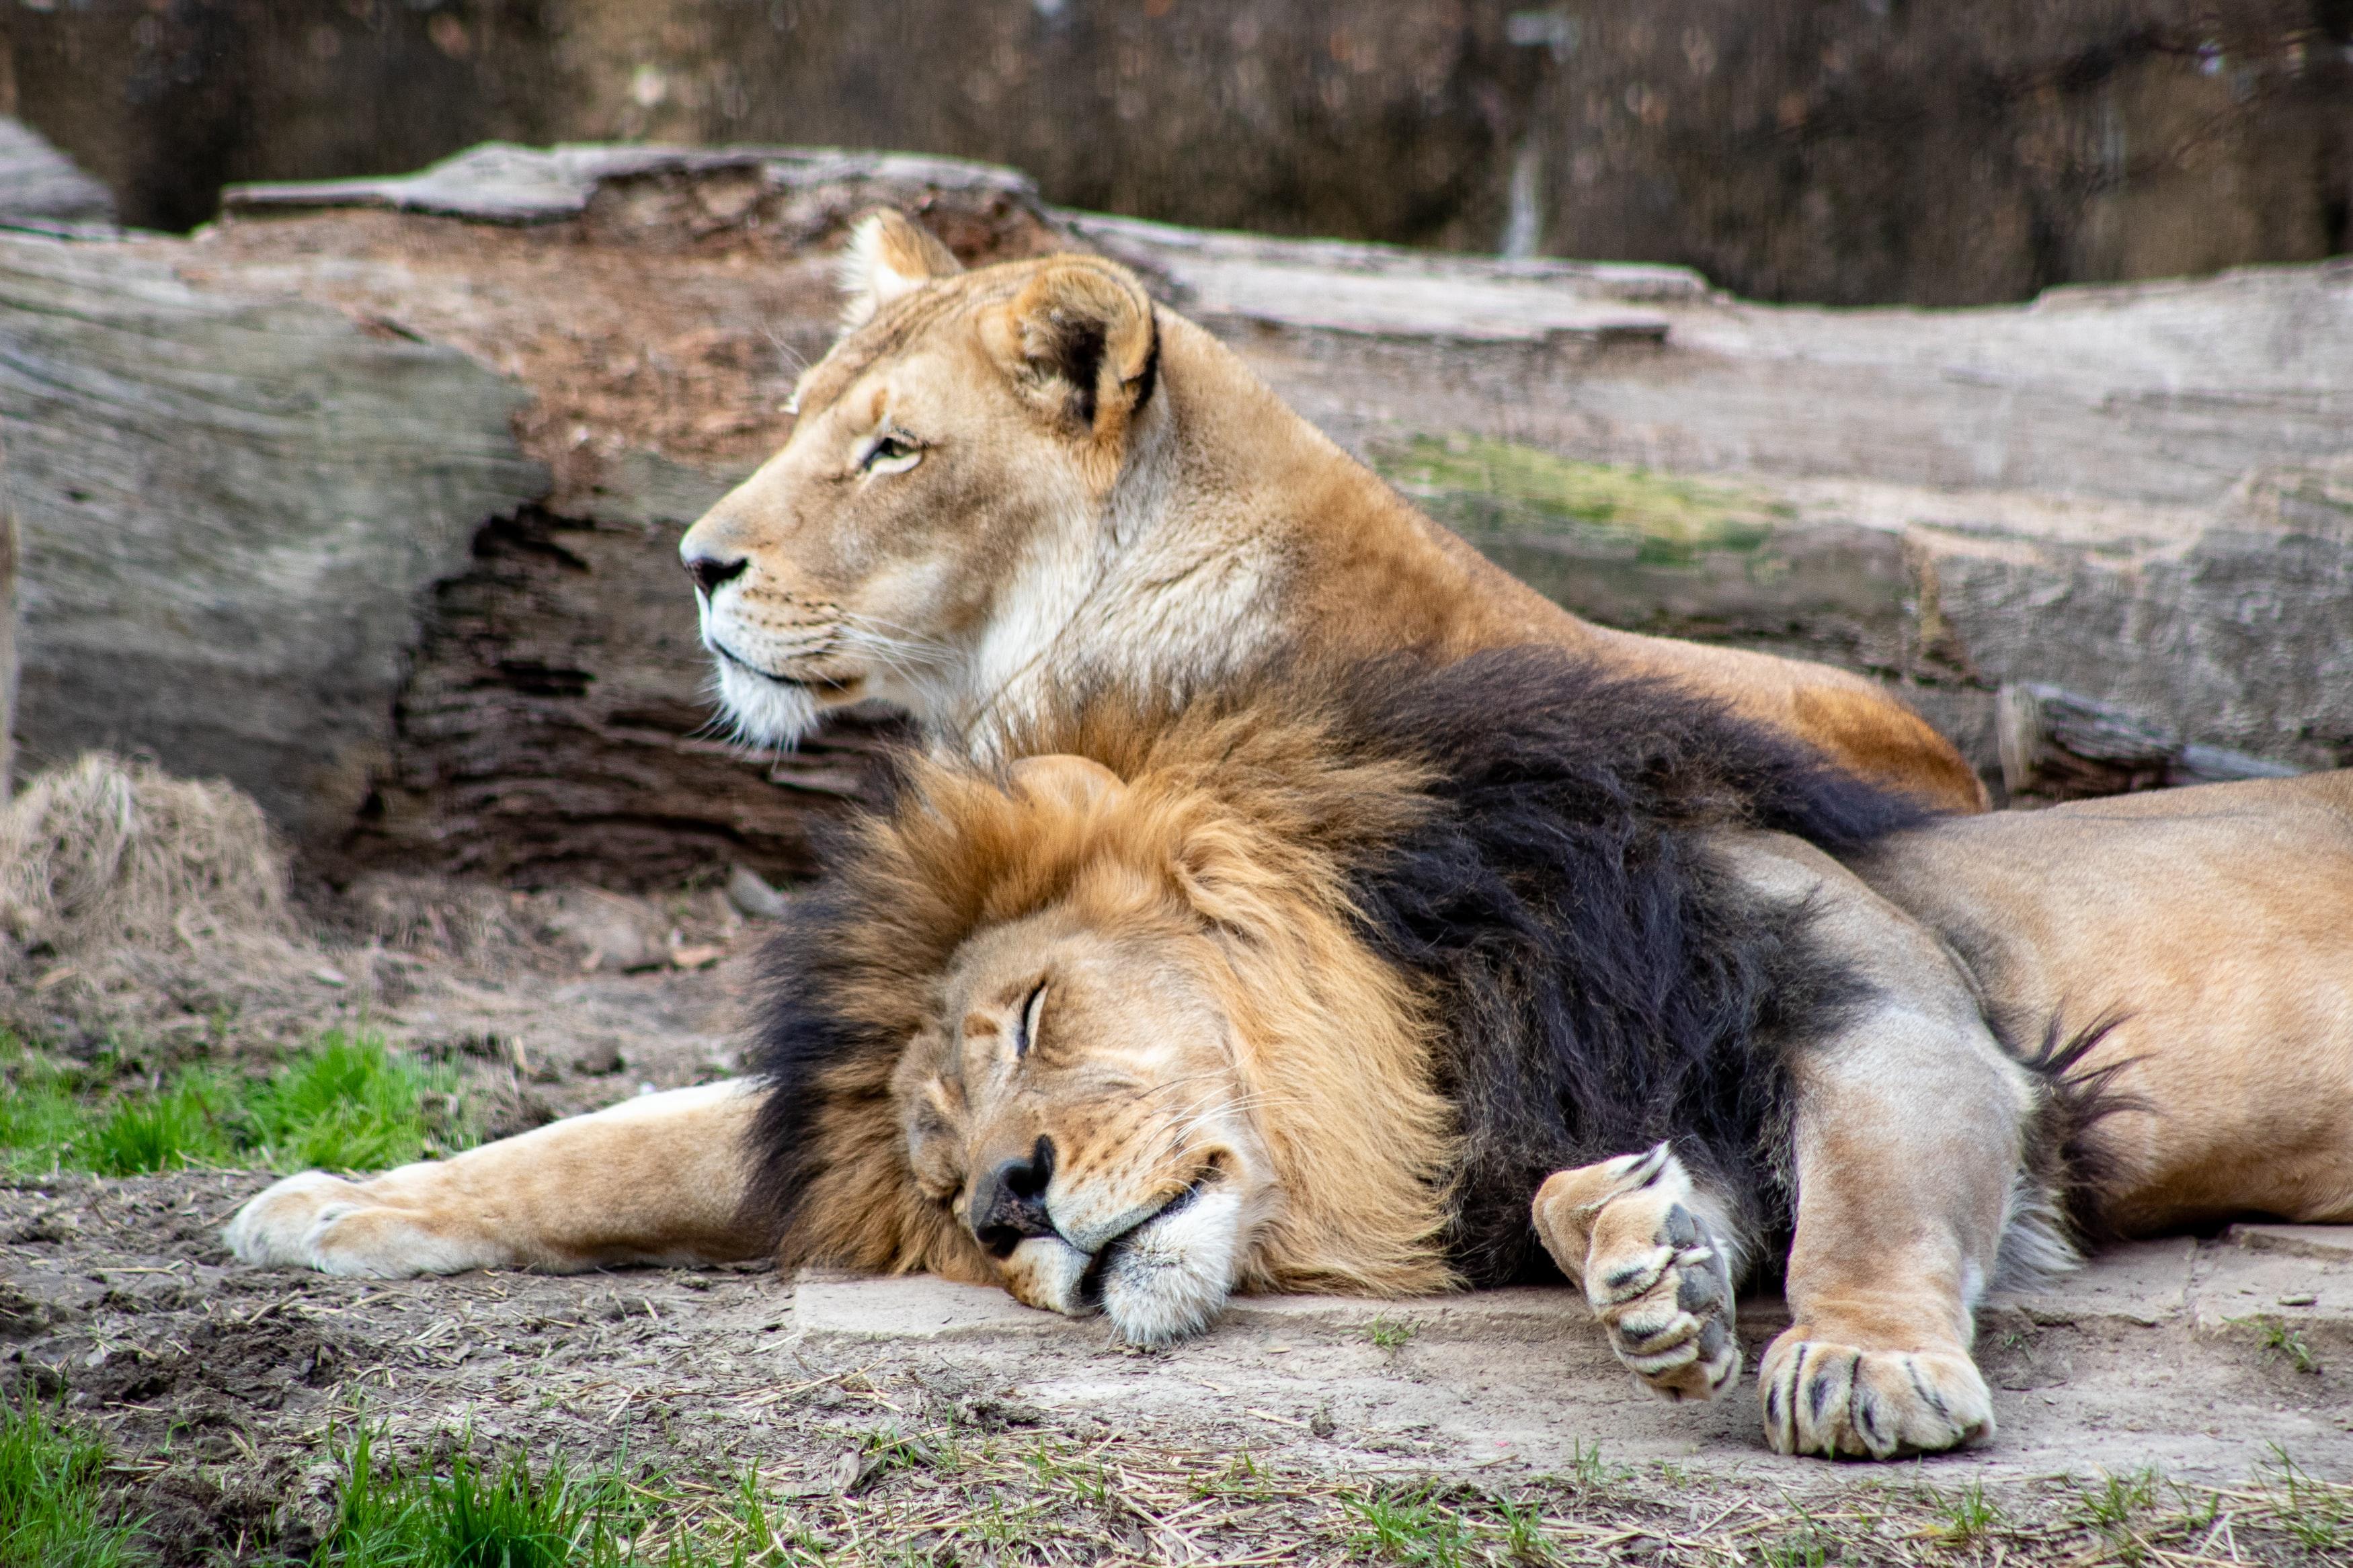 Un couple de lions se prélassant l'un à côté de l'autre. Par Joshua J. Cotten, https://unsplash.com/photos/Q2SC_YN6qsw